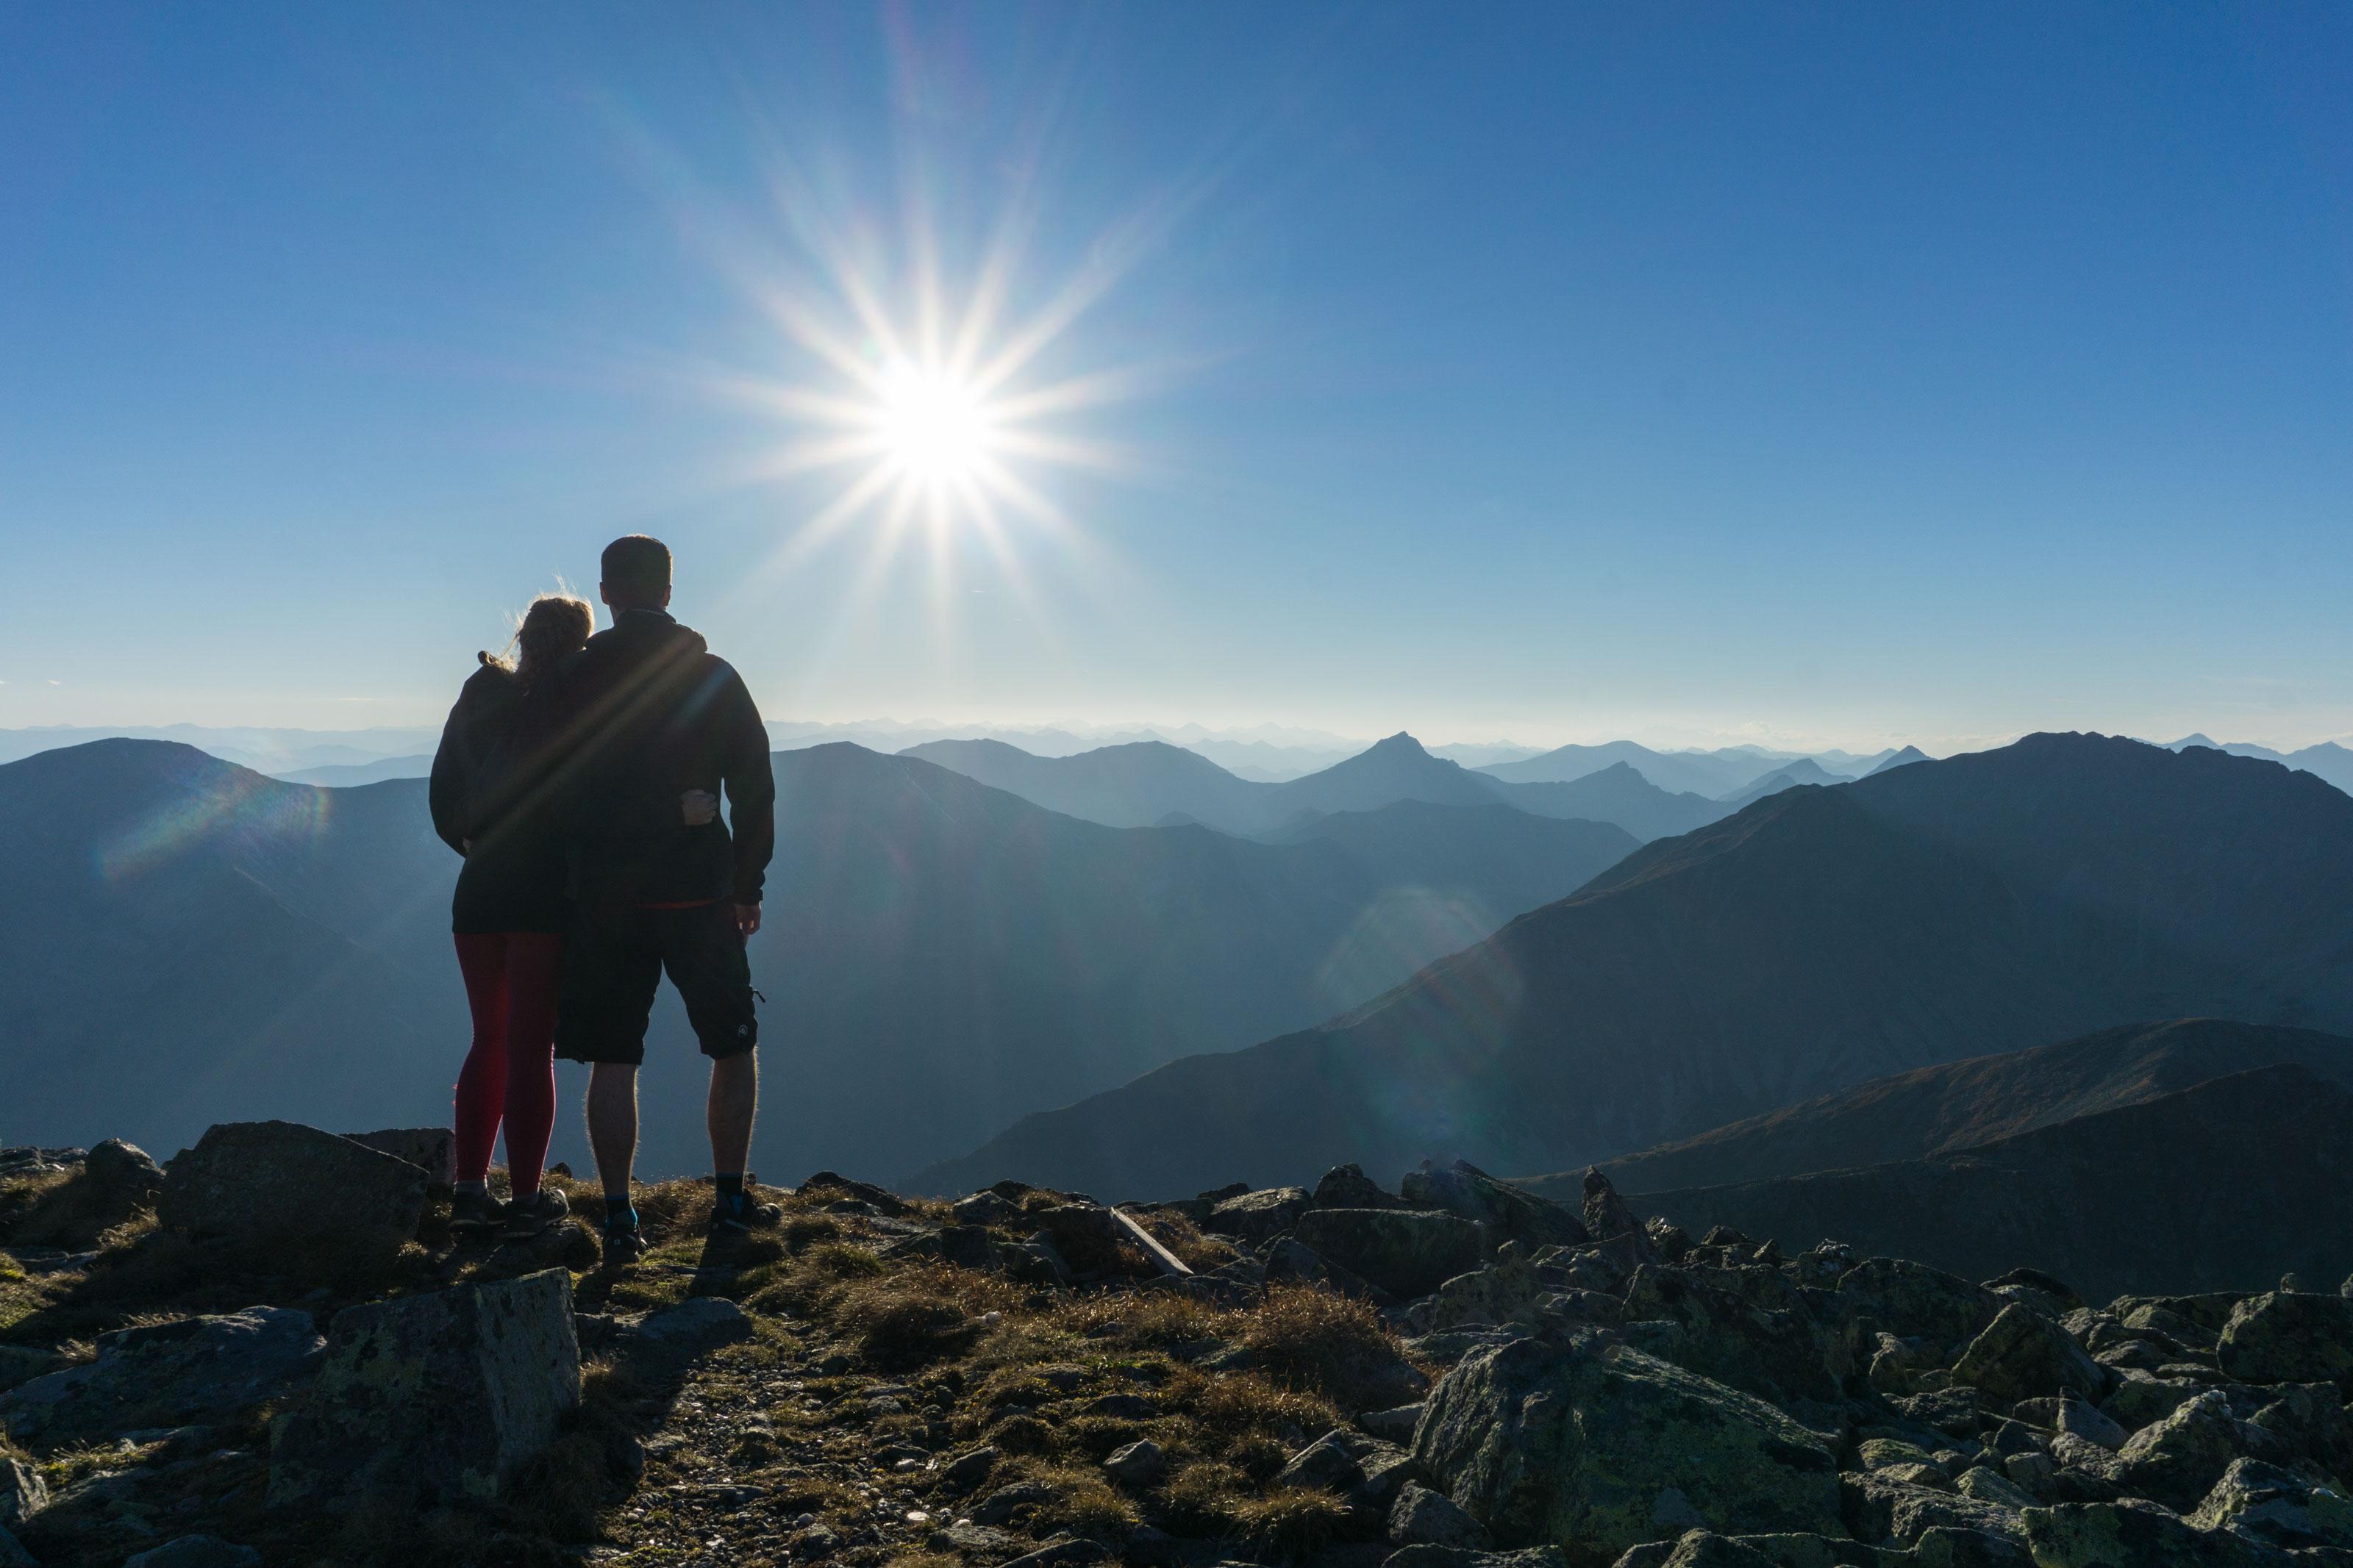 Větrný podzimní bivak na hřebeni Seckauských Alp aneb vzhůru na Hochreichhart